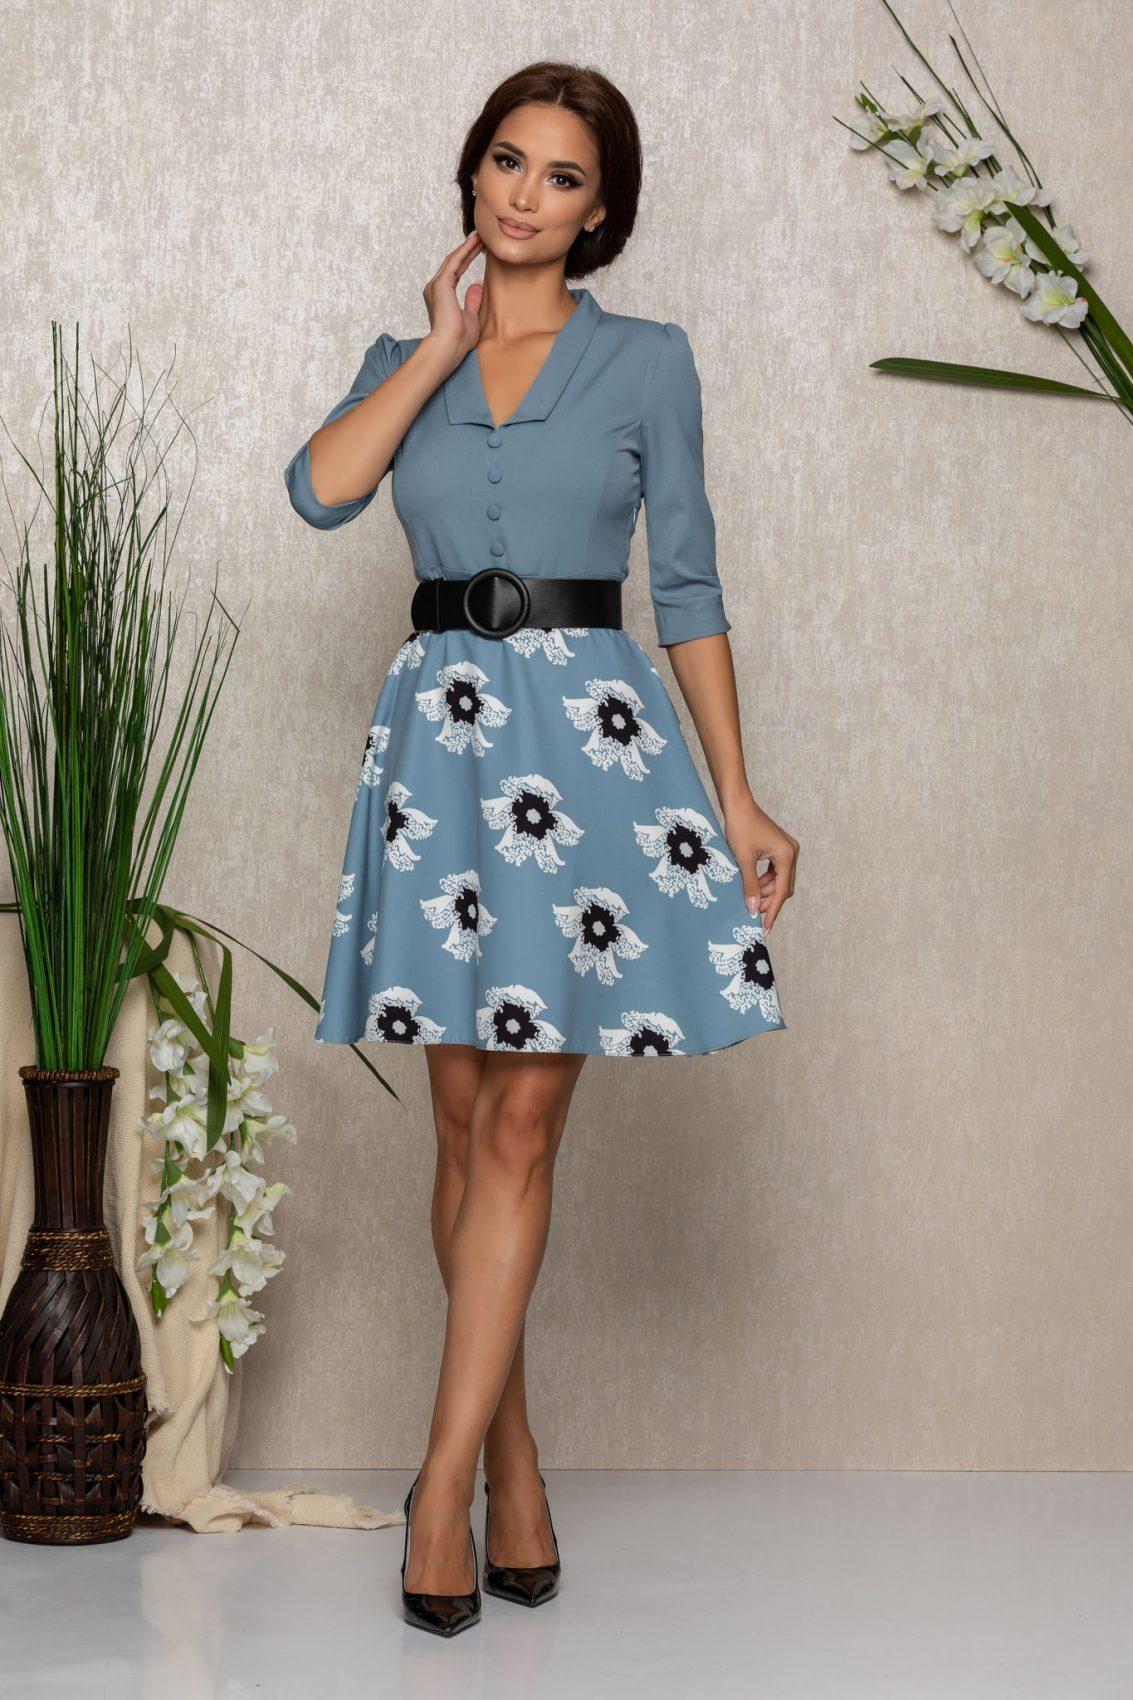 Μπλε Φλοράλ Φόρεμα Με Ζώνη Davonne 9379 1